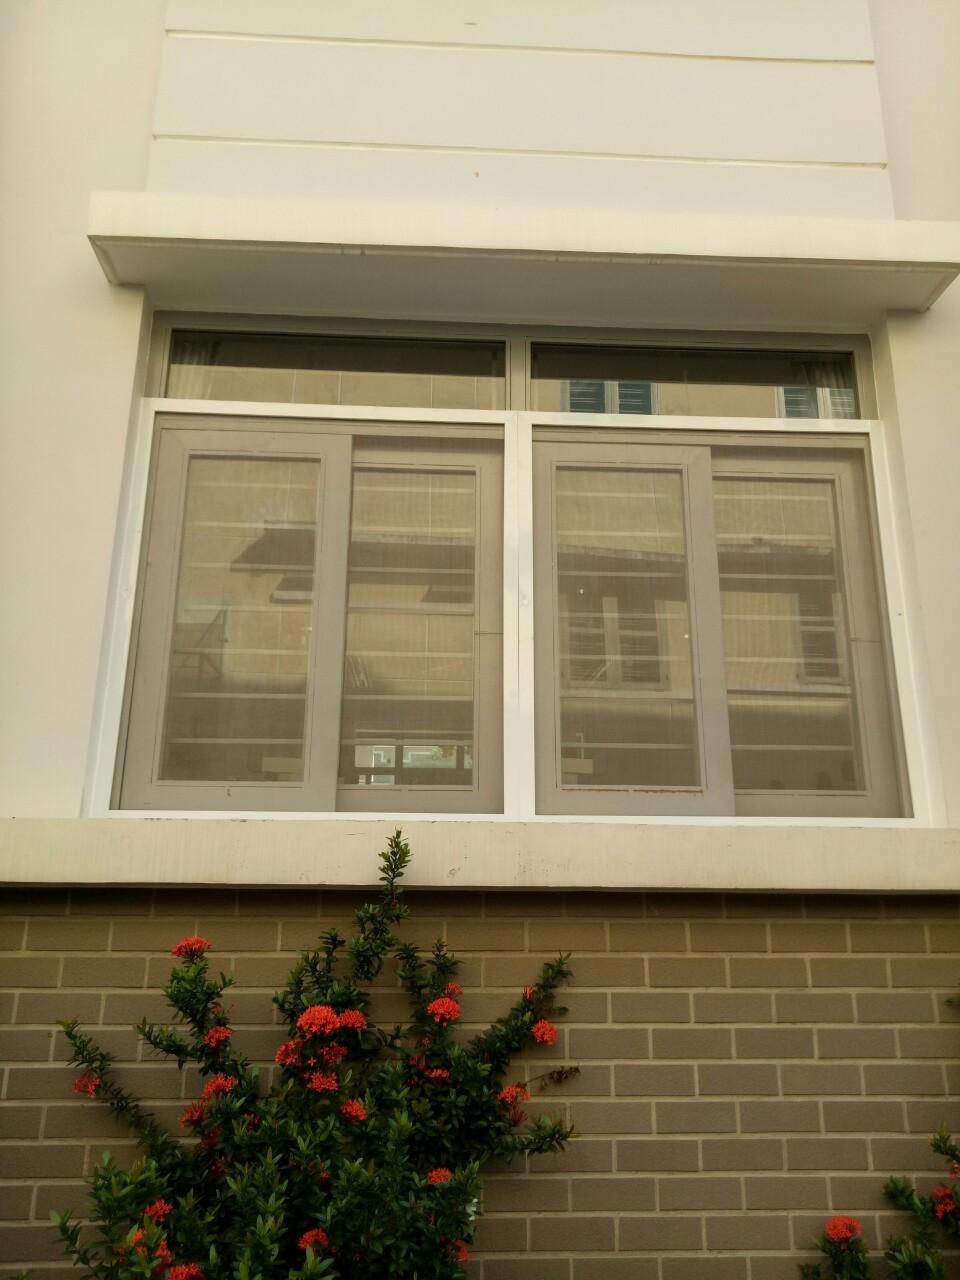 Tăng tính thẩm mỹ cho ngôi nhà và chống muỗi hiệu quả nhờ cửa lưới chống muỗi lùa